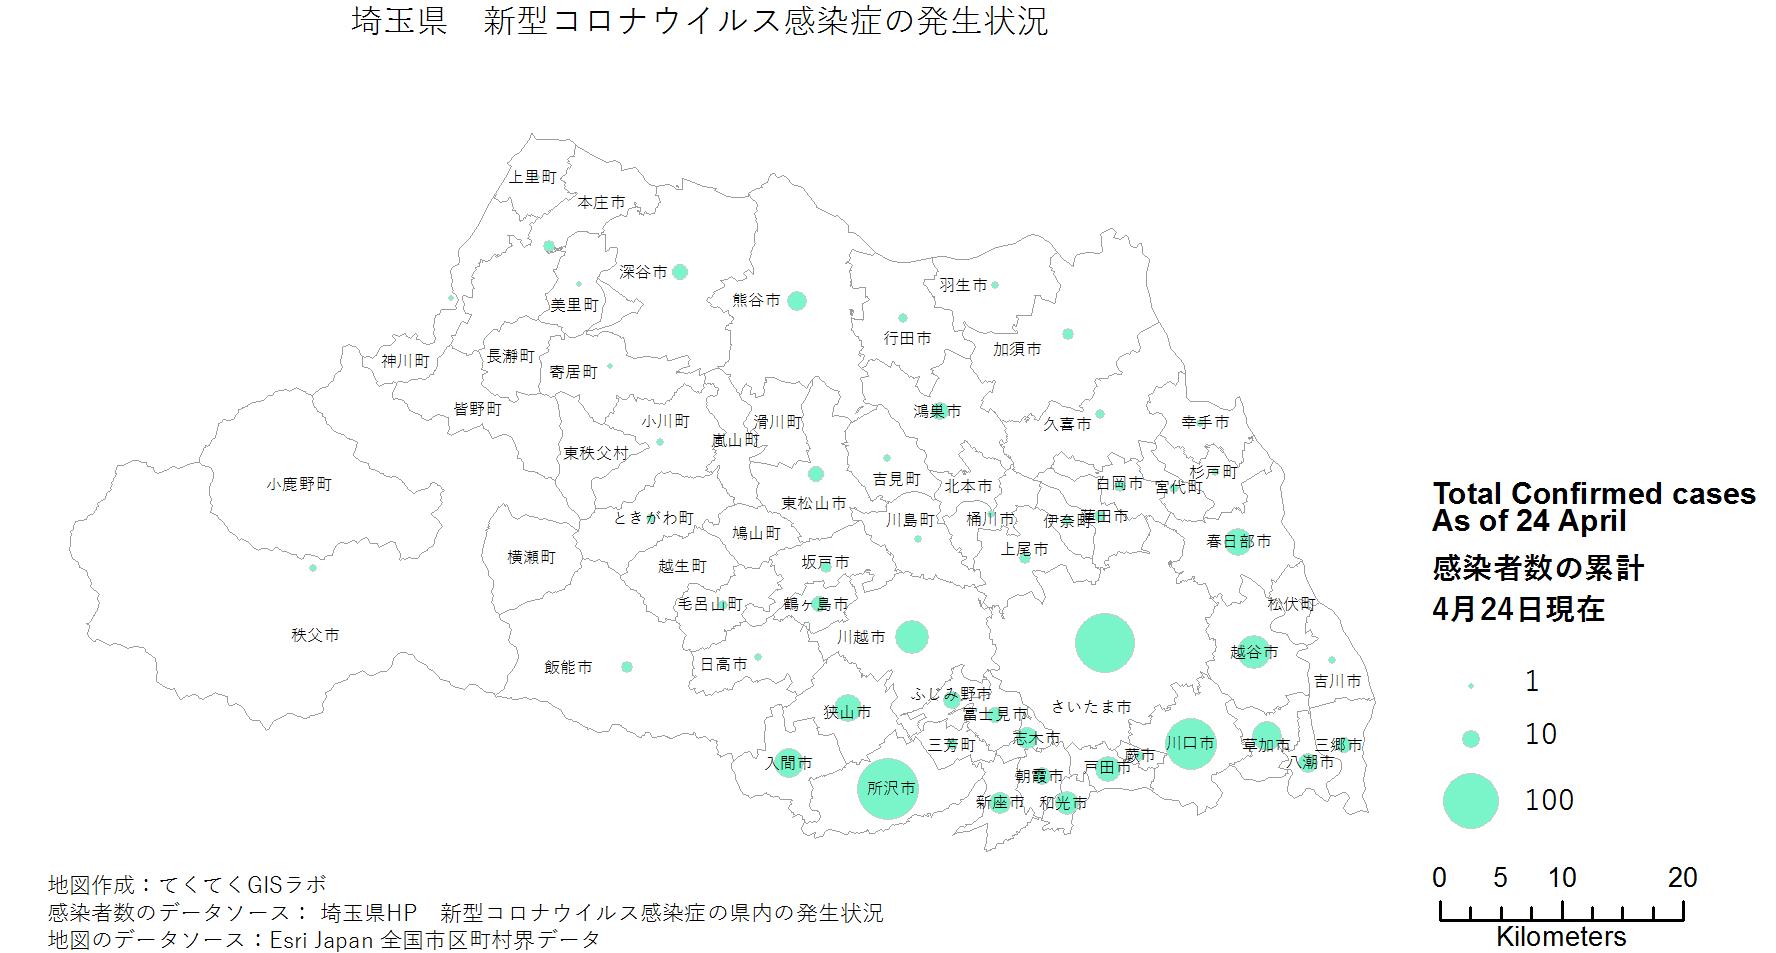 Number of cases in Saitama